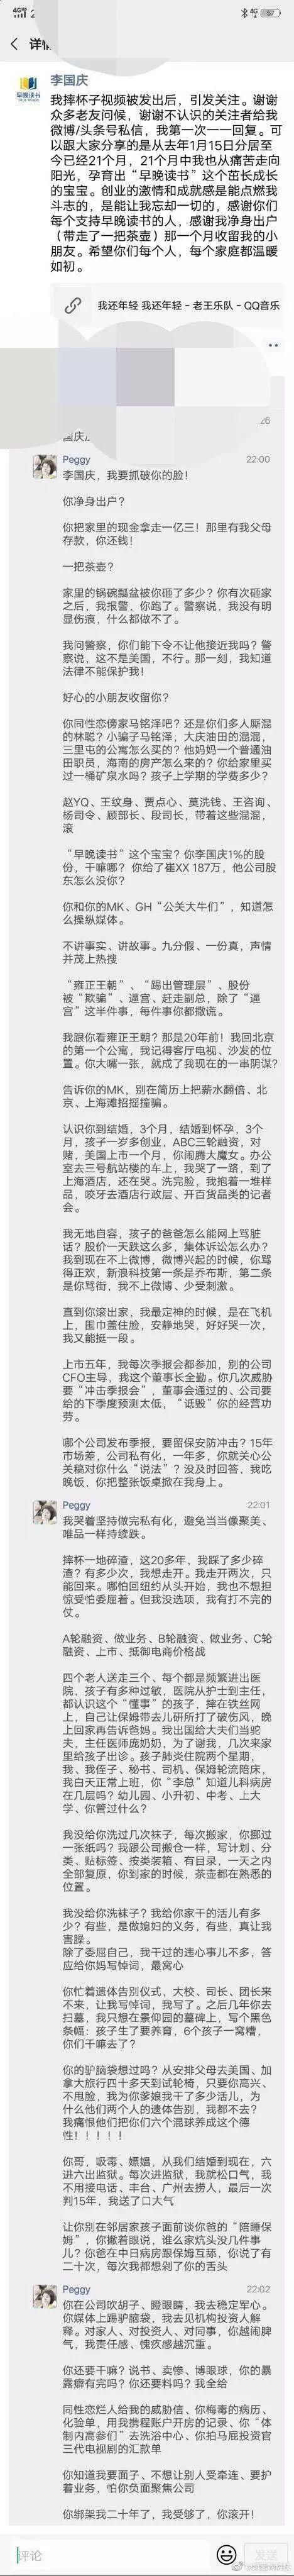 """钱柜777老虎机手机版下载_血管里没有""""垃圾"""" 别再被这4个谎言骗了"""